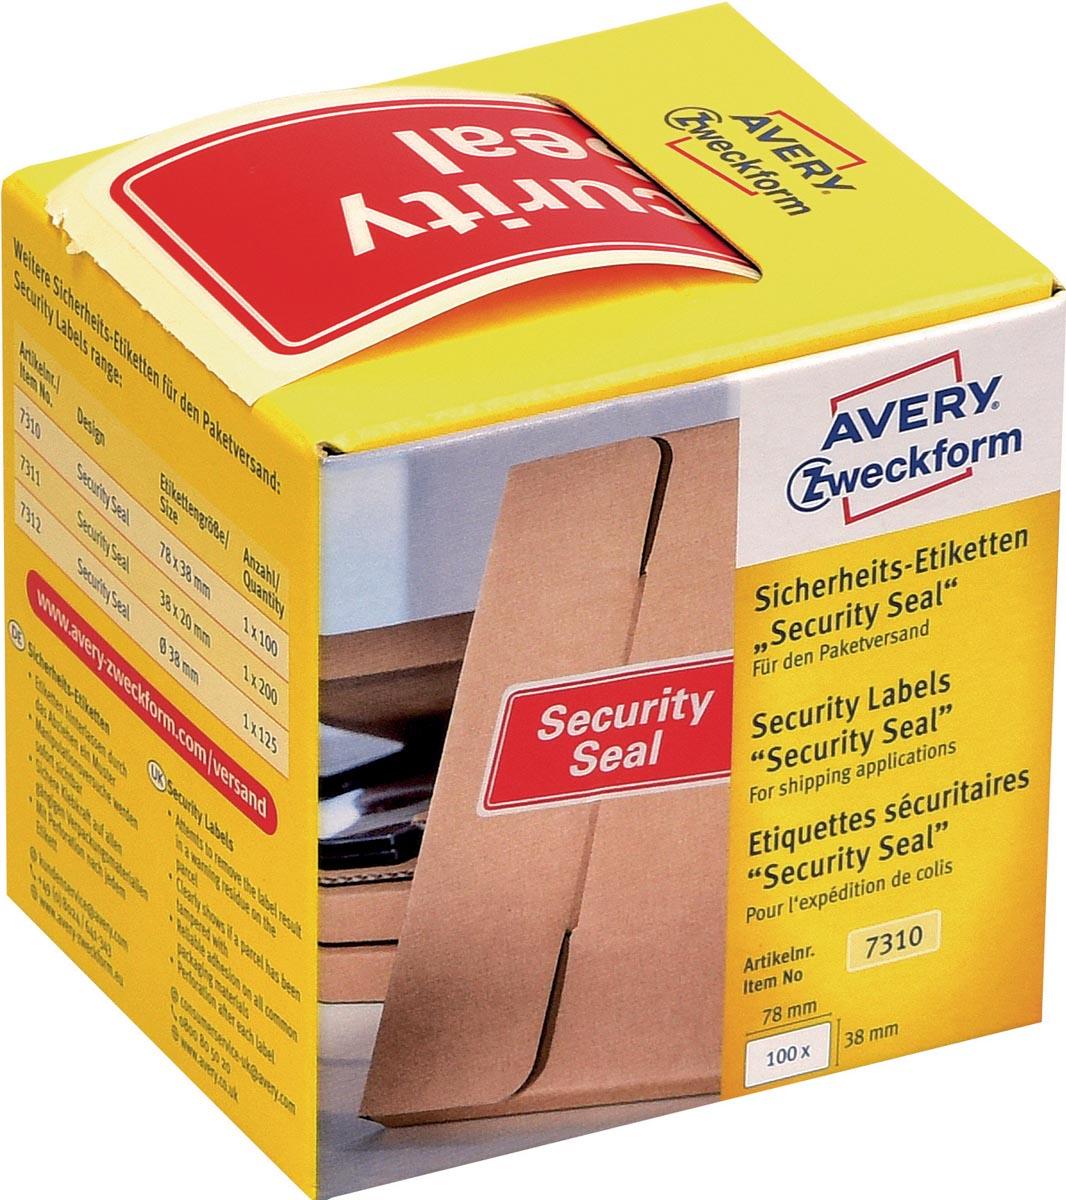 Beveiligingsetiketten Security Seal, doosje van 100 stuks